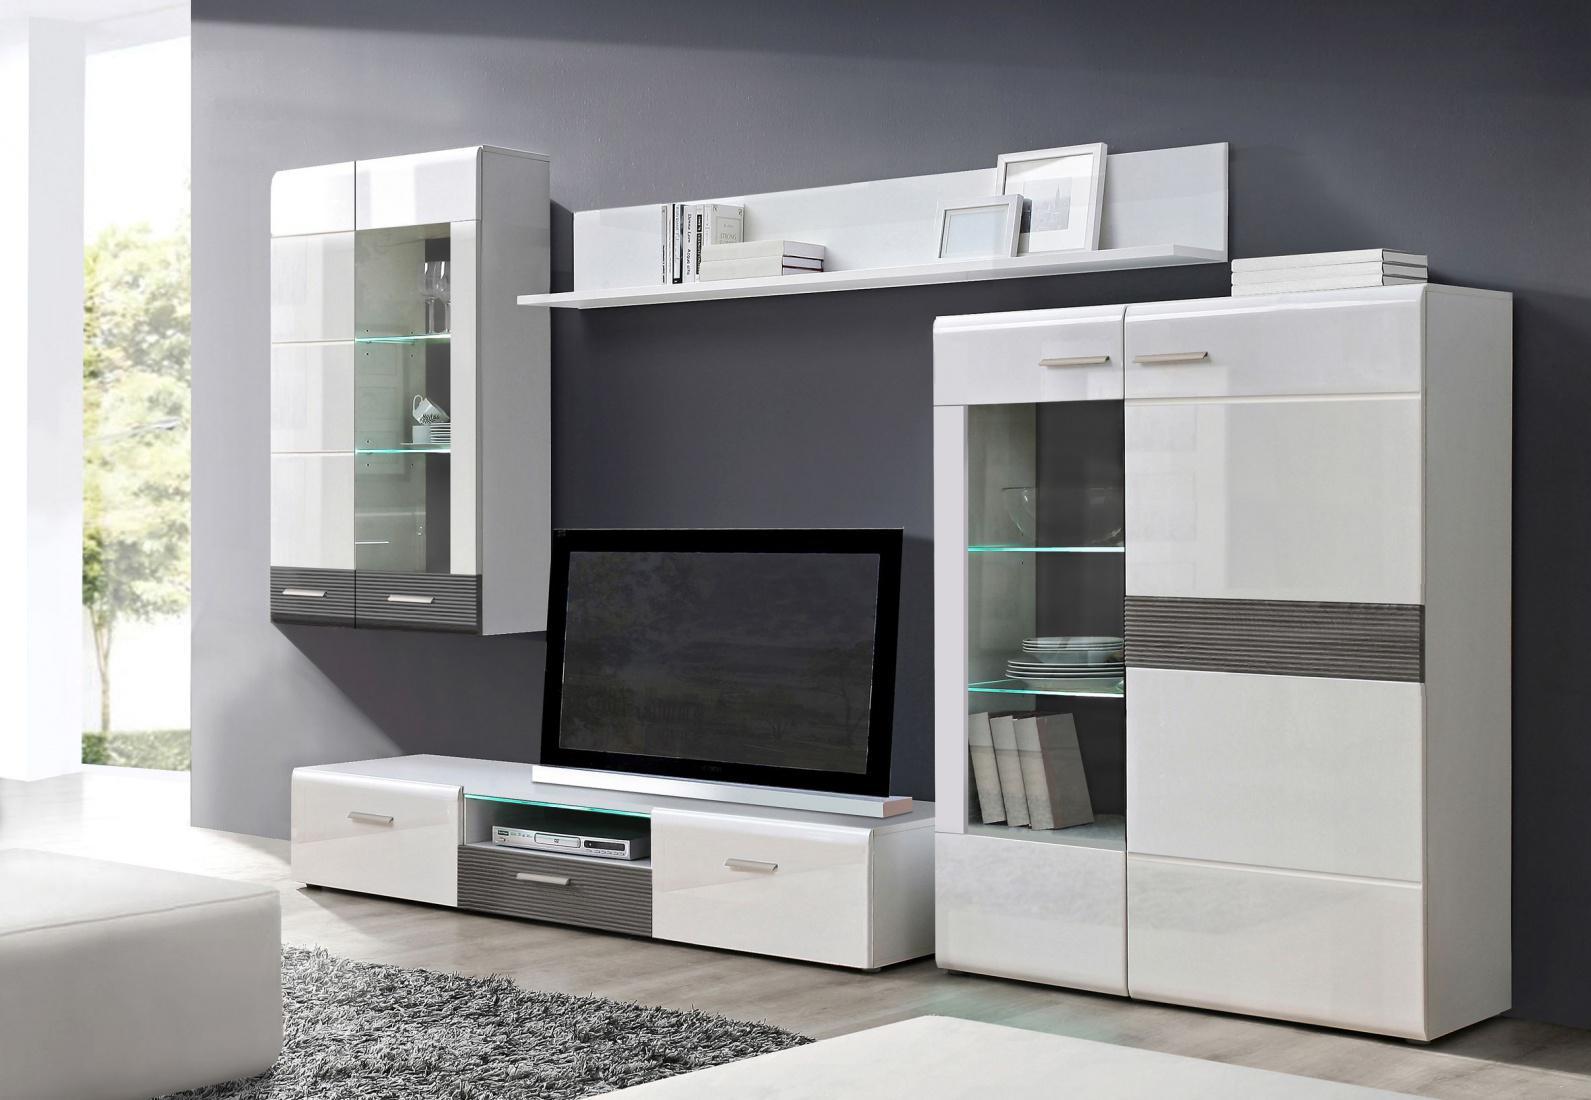 Wohnwand wei grau bestseller shop f r m bel und for Amazon wohnwand